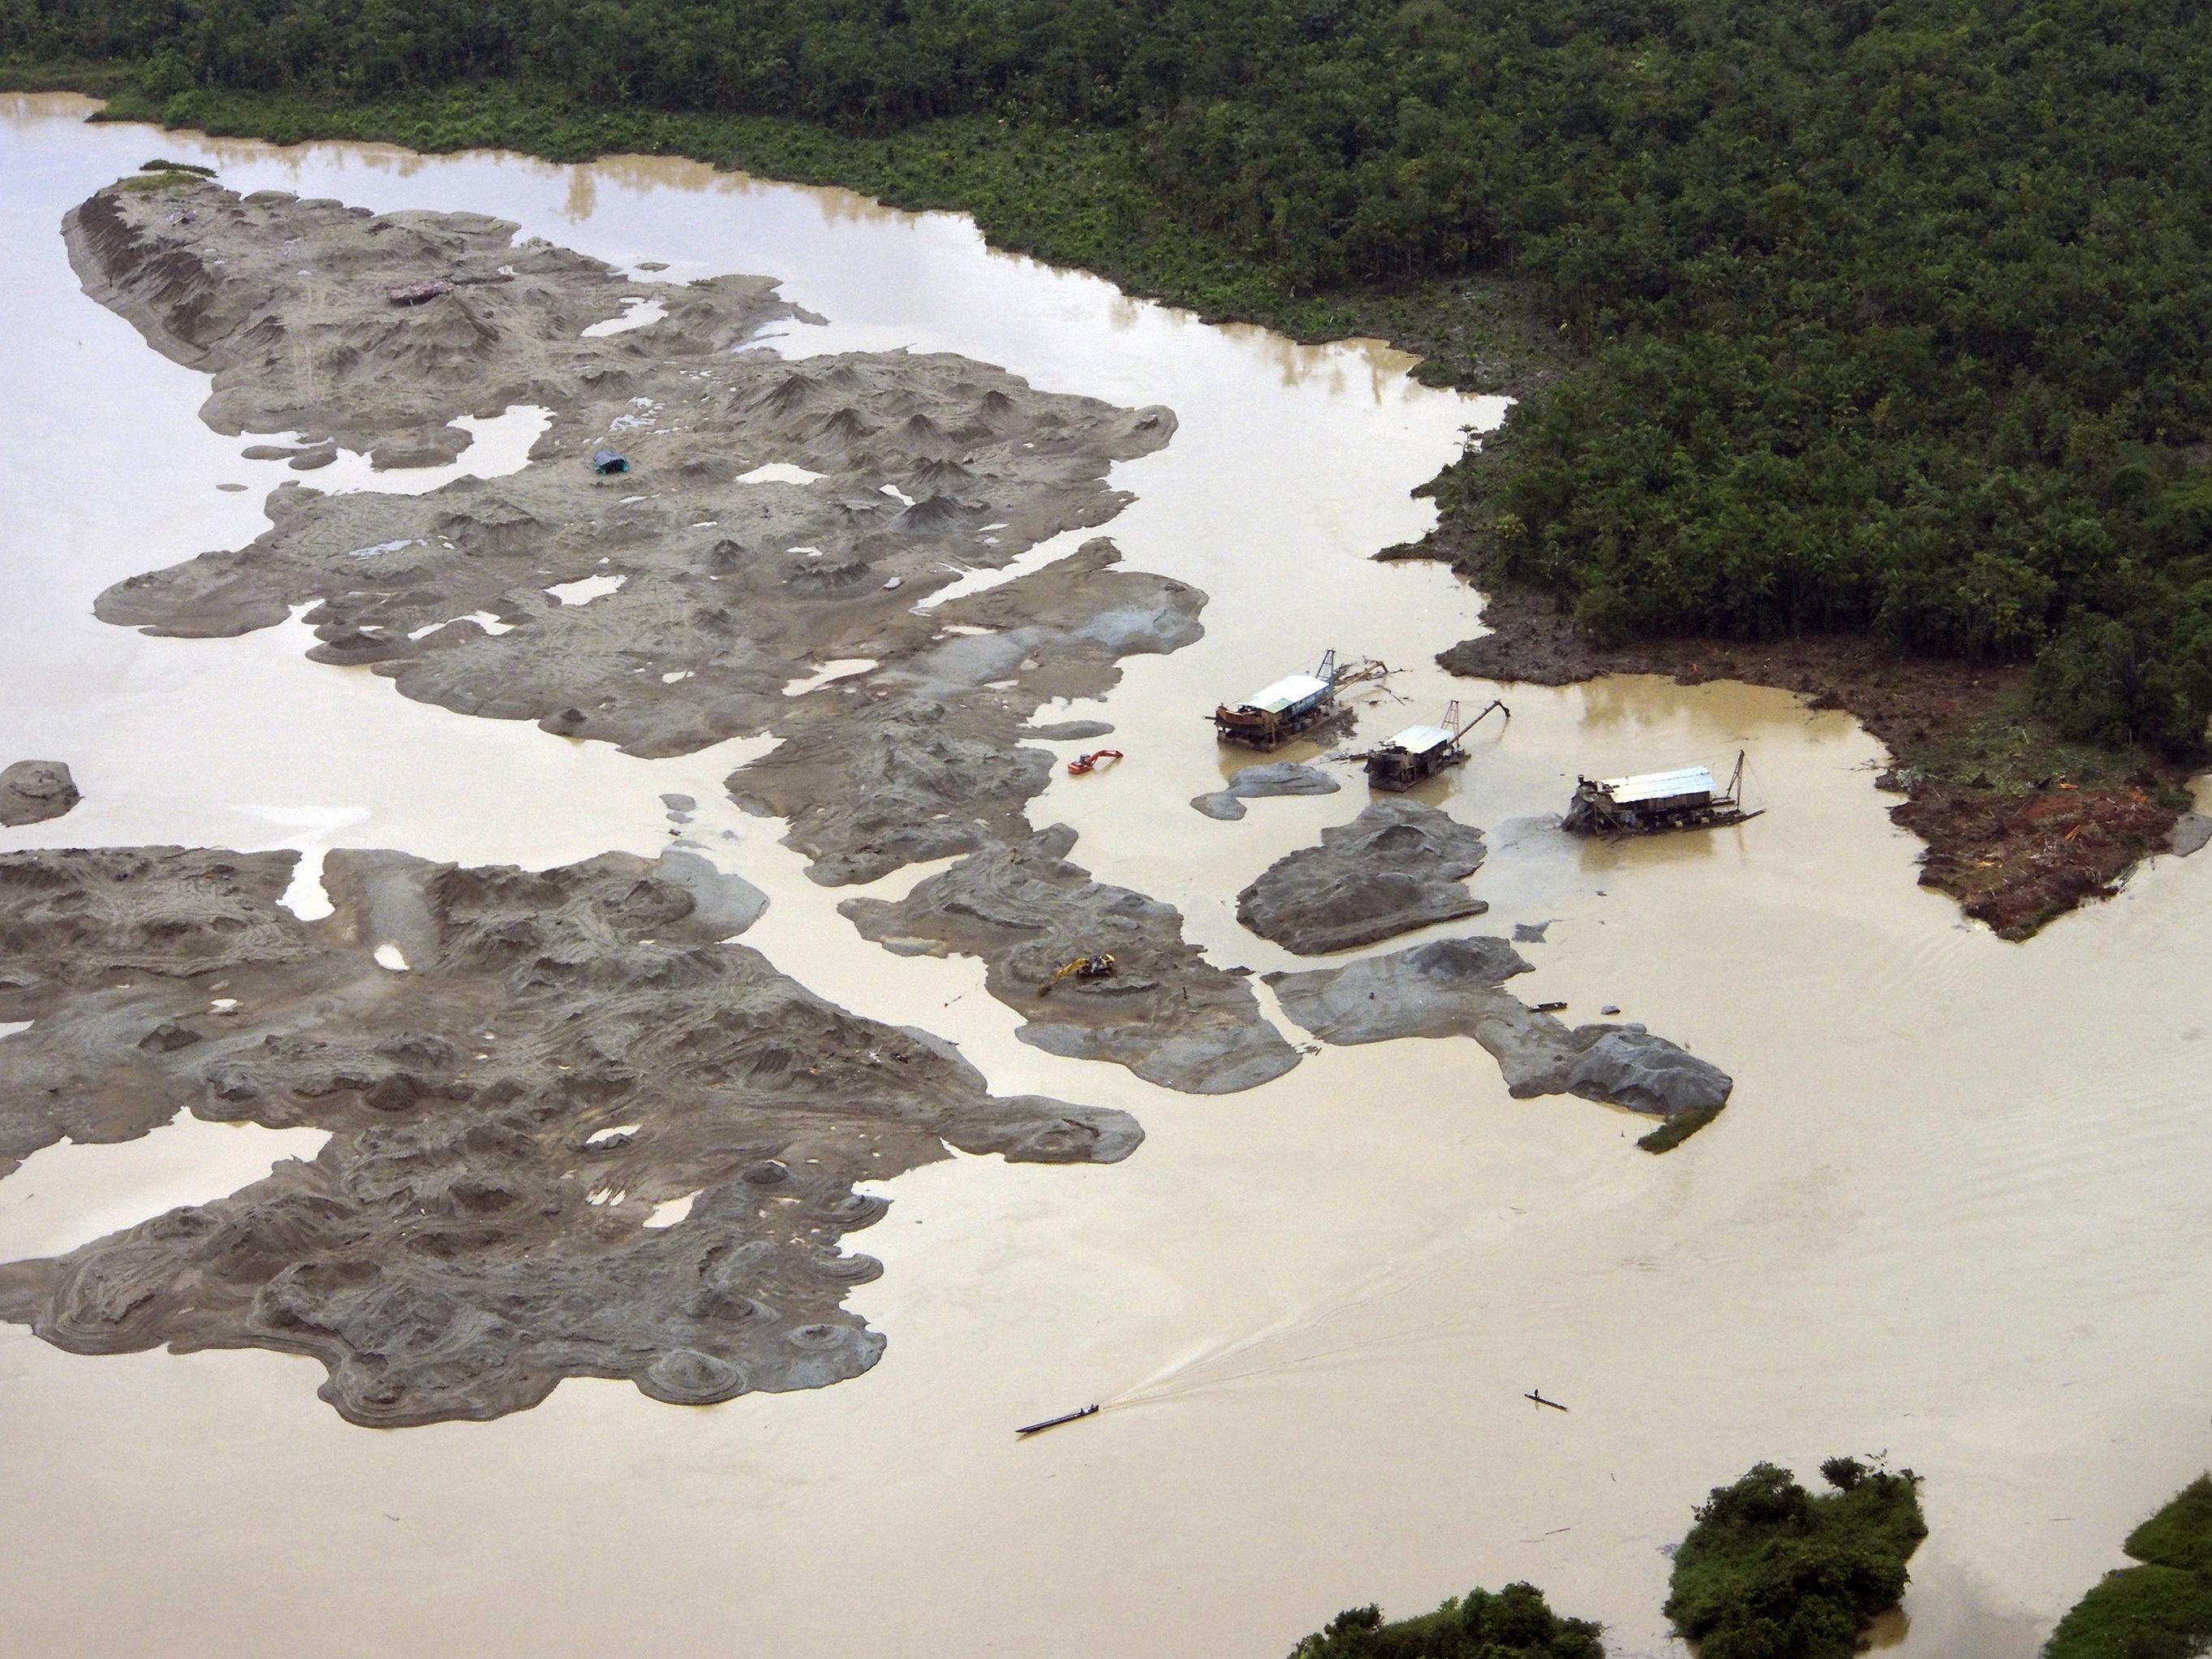 Empiezan a darse pasos para salvar al río Atrato - ElTiempo.com